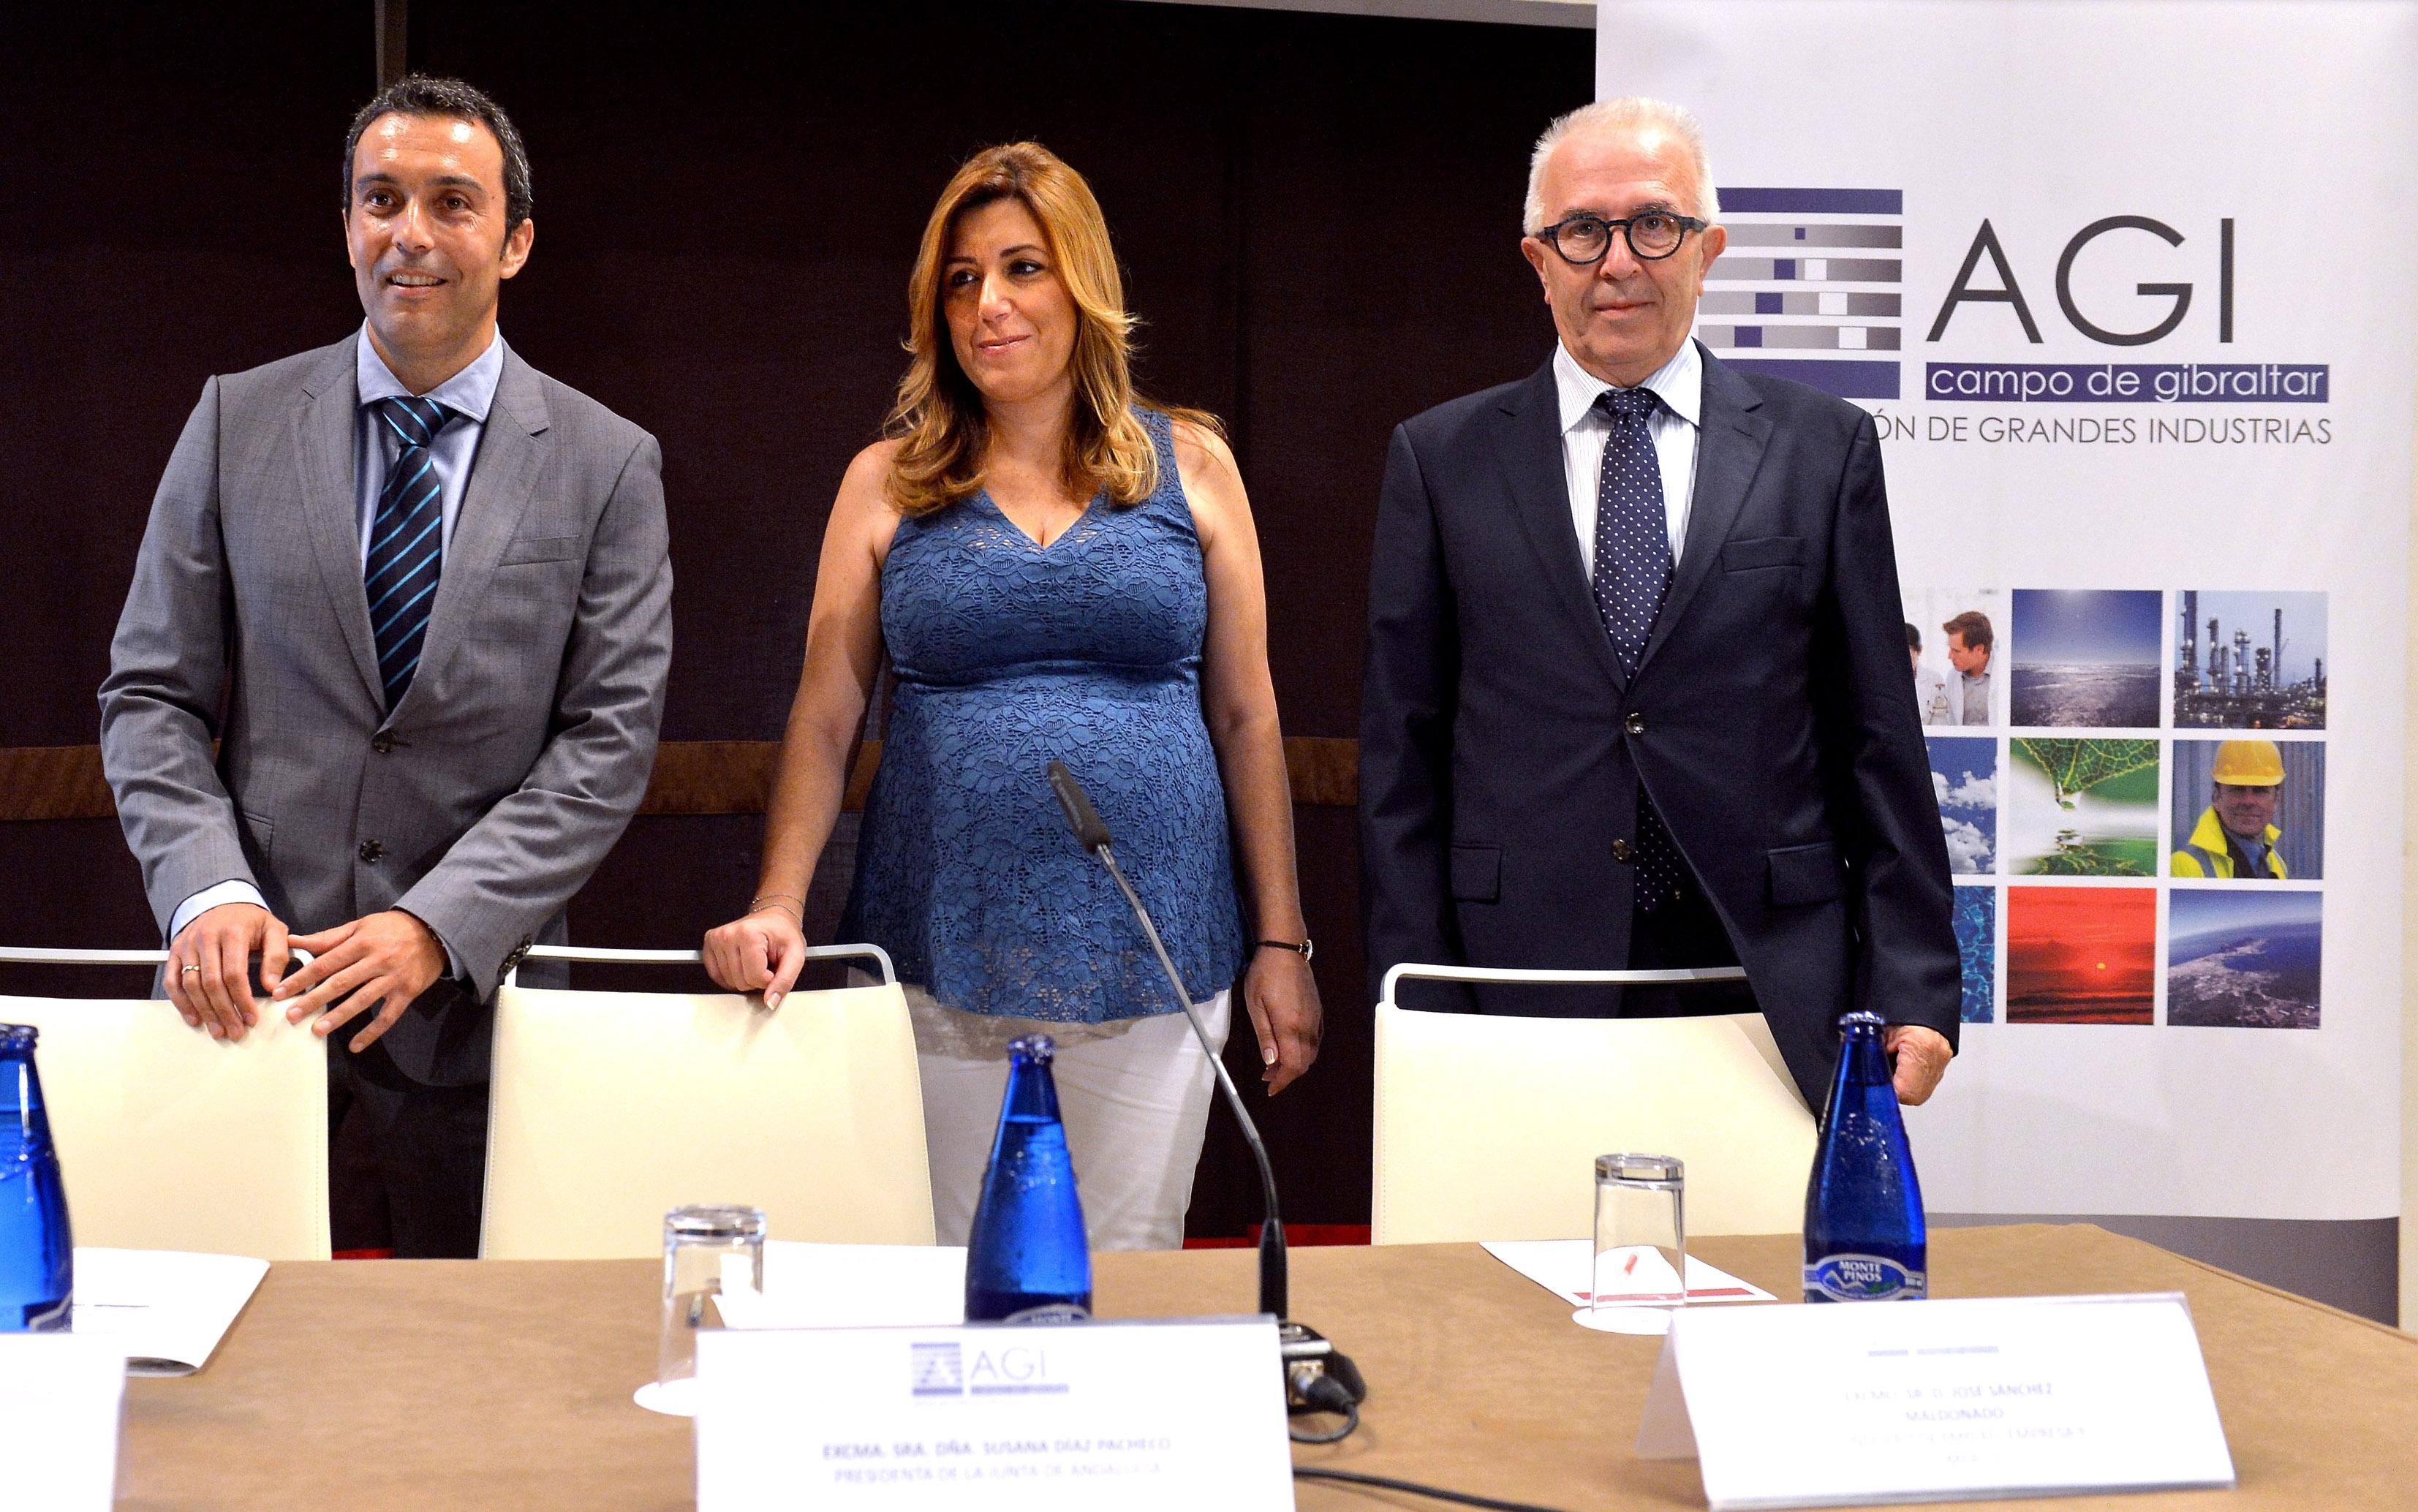 Díaz asistió a la presentación de la Memoria Anual 2014 de la AGI